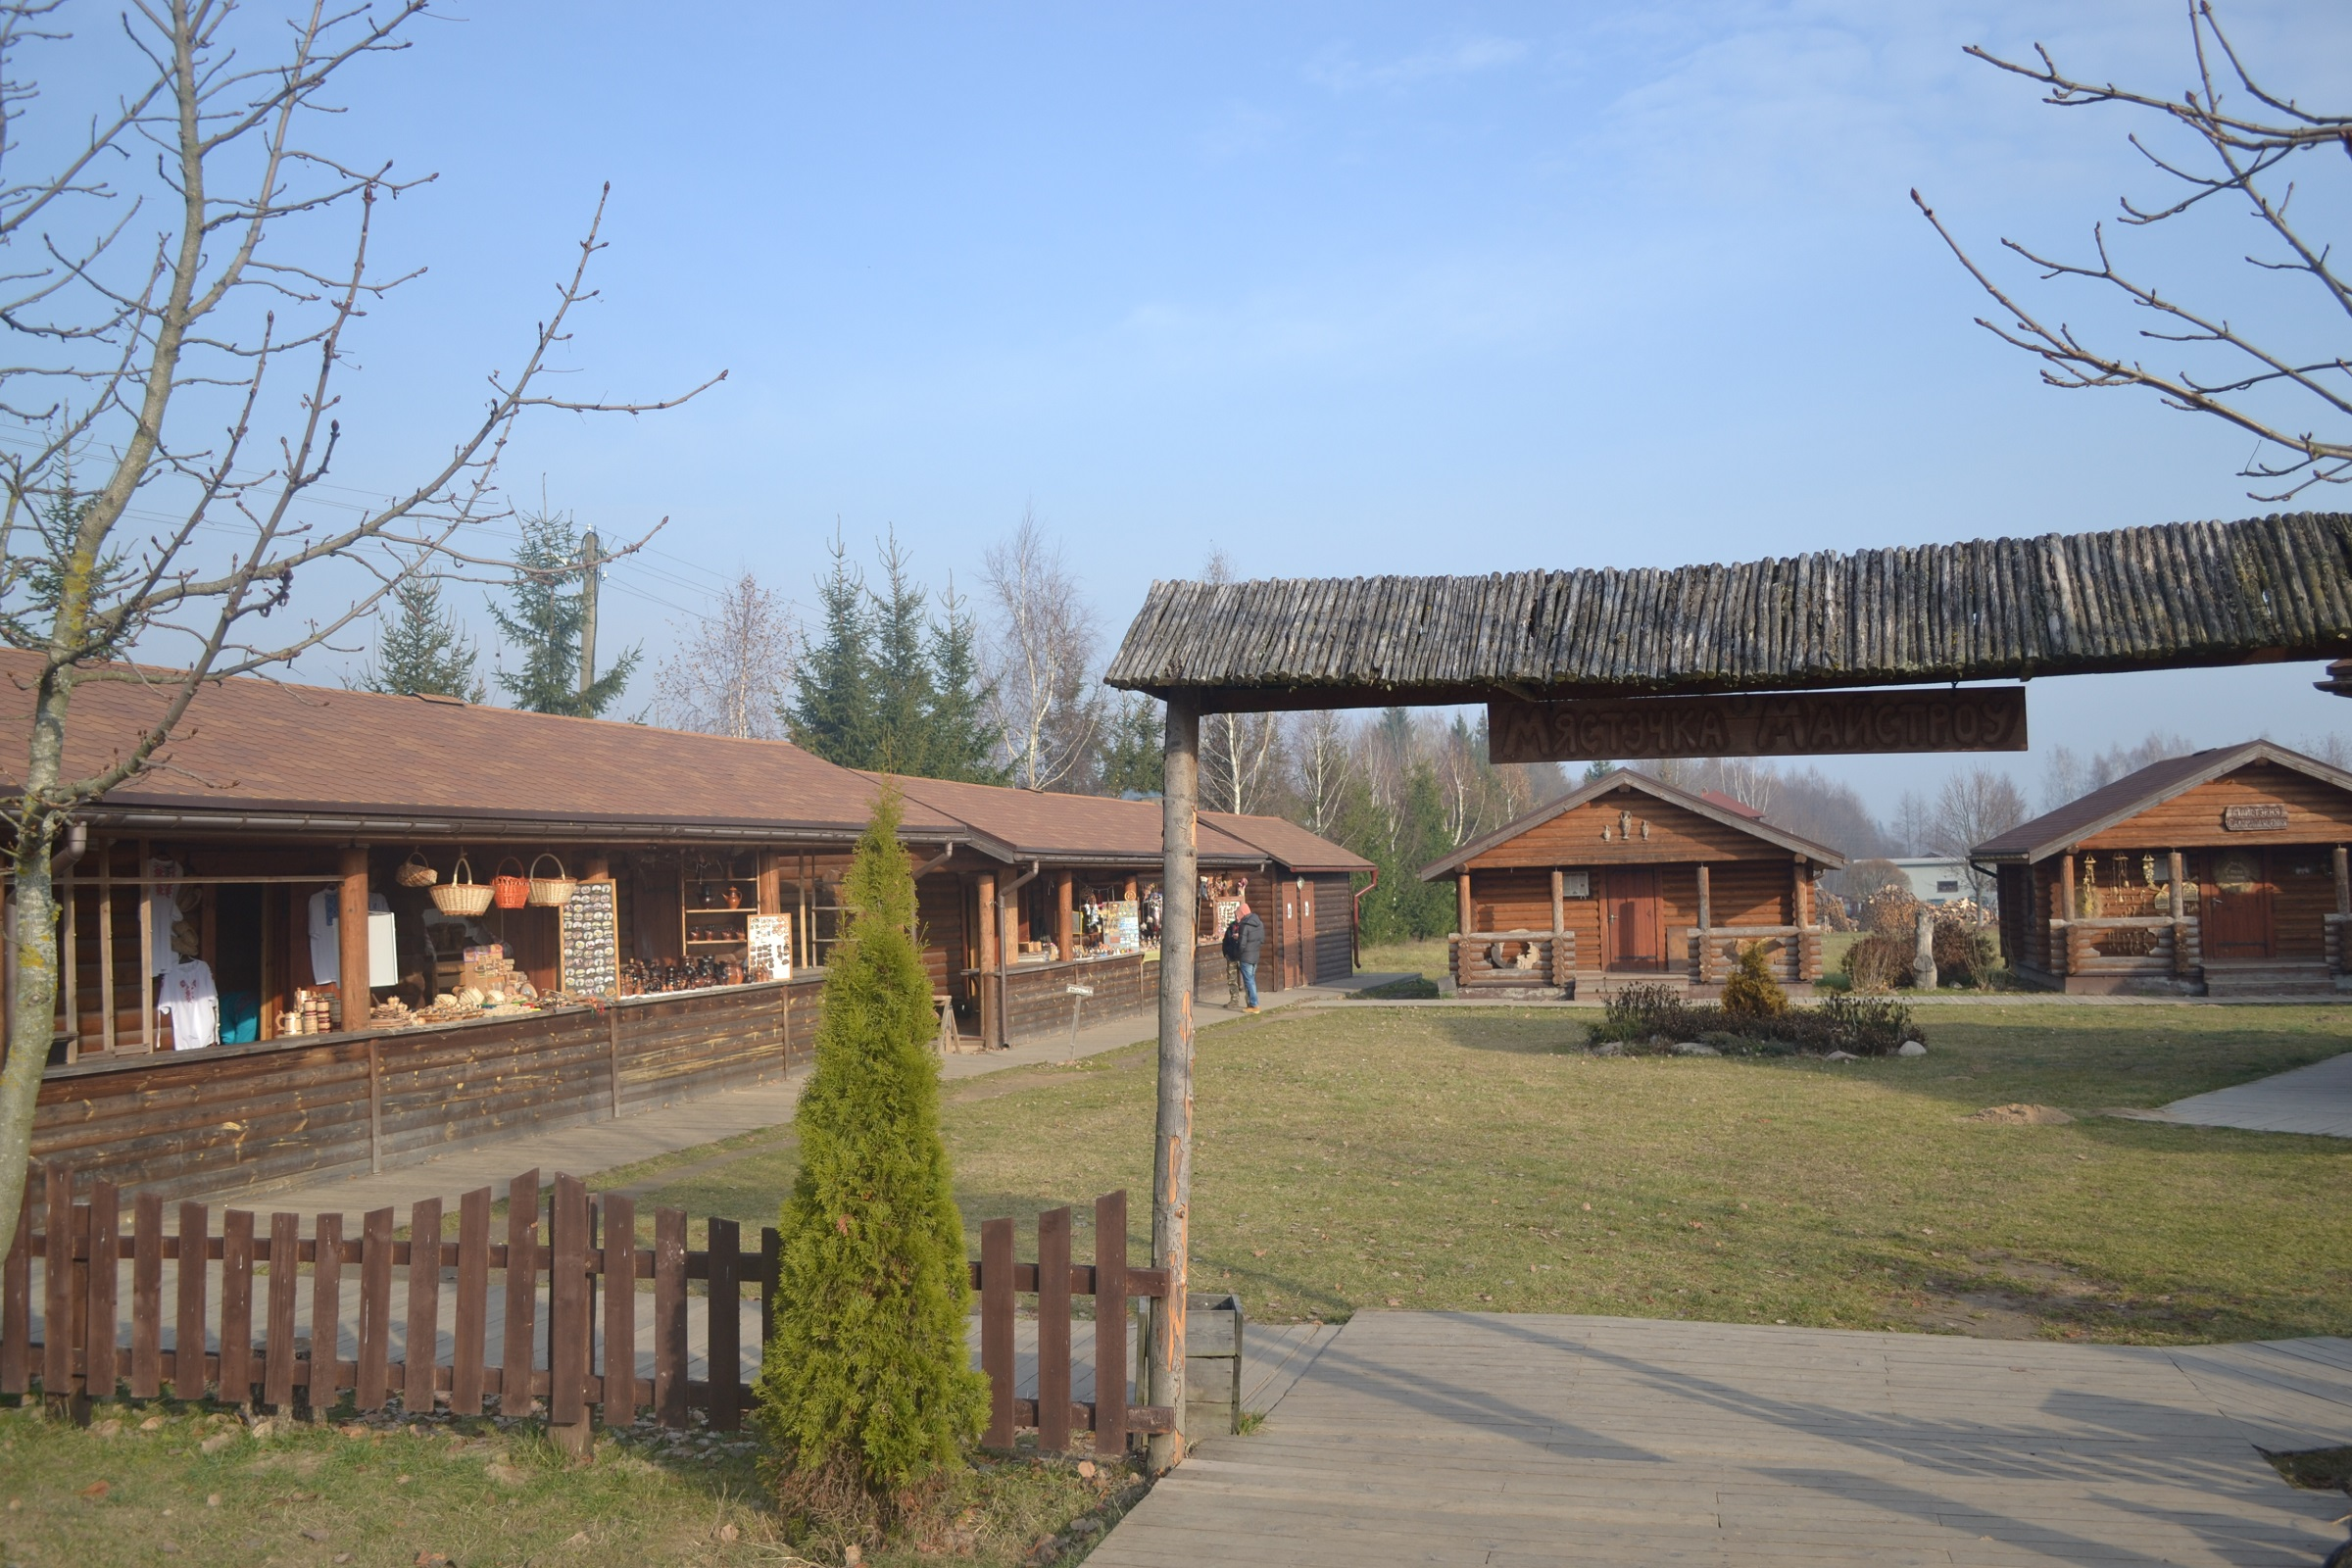 DSC 0784 - Народные праздники и экскурсии в Дудутках